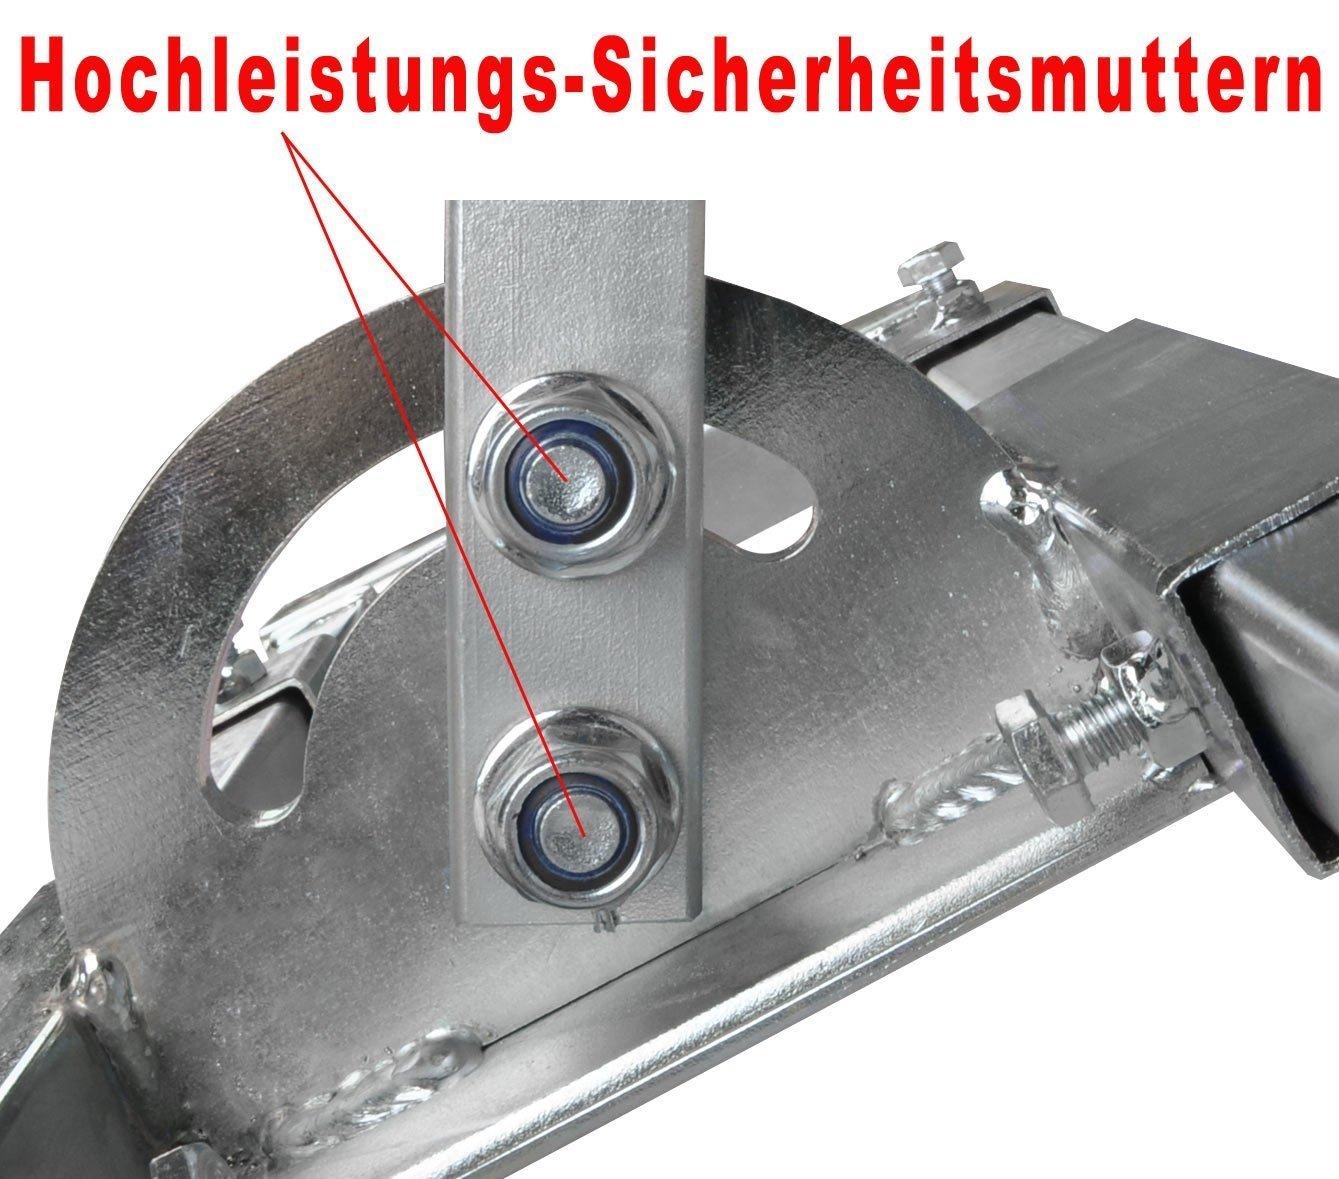 DUR-line Stabilo 48//1000 Dachsparrenhalter f/ür Satellitensch/üsseln bis 90 cm Durchmesser